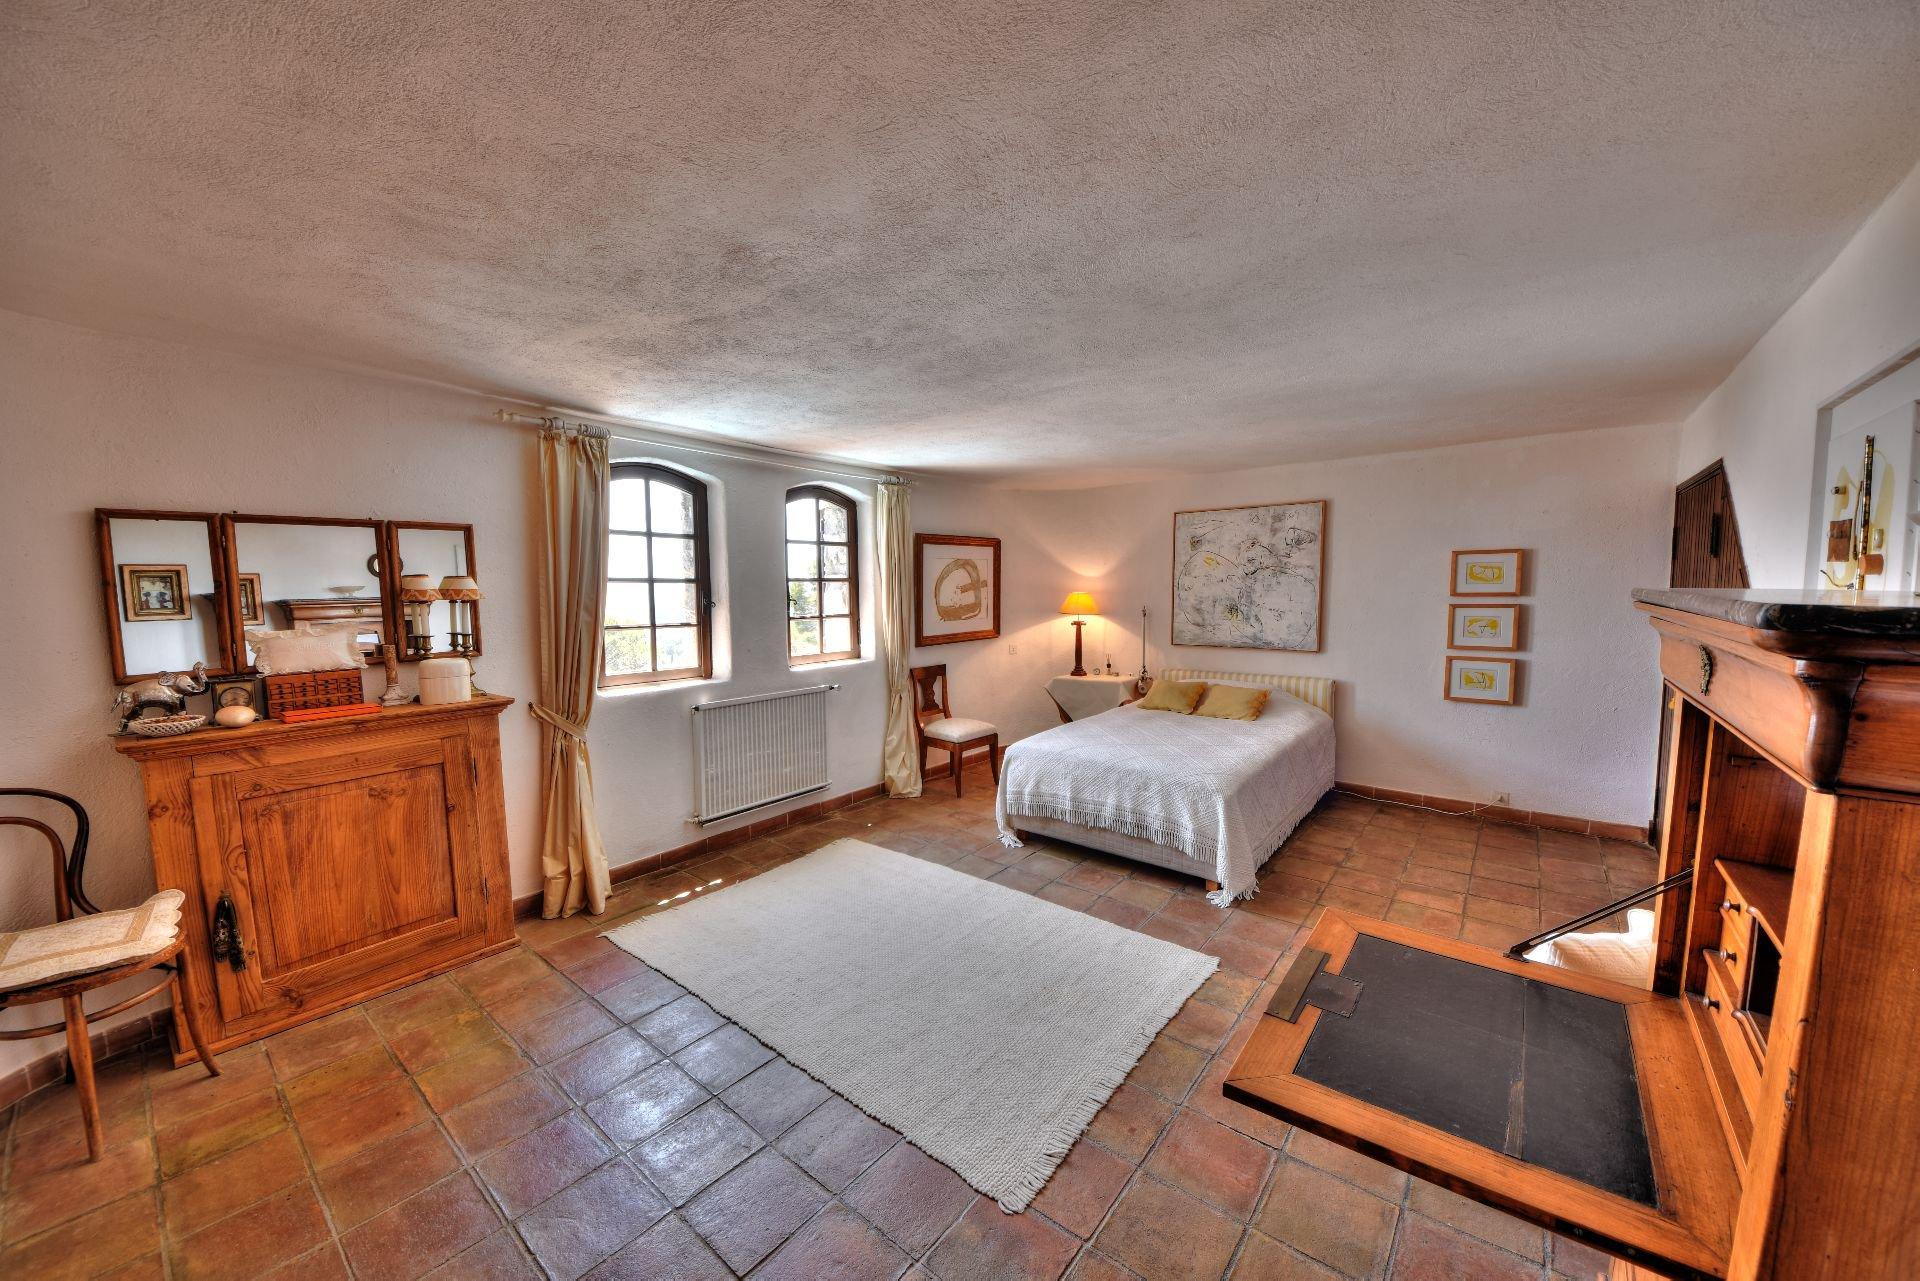 Chambre, lumière naturelle, carrelage